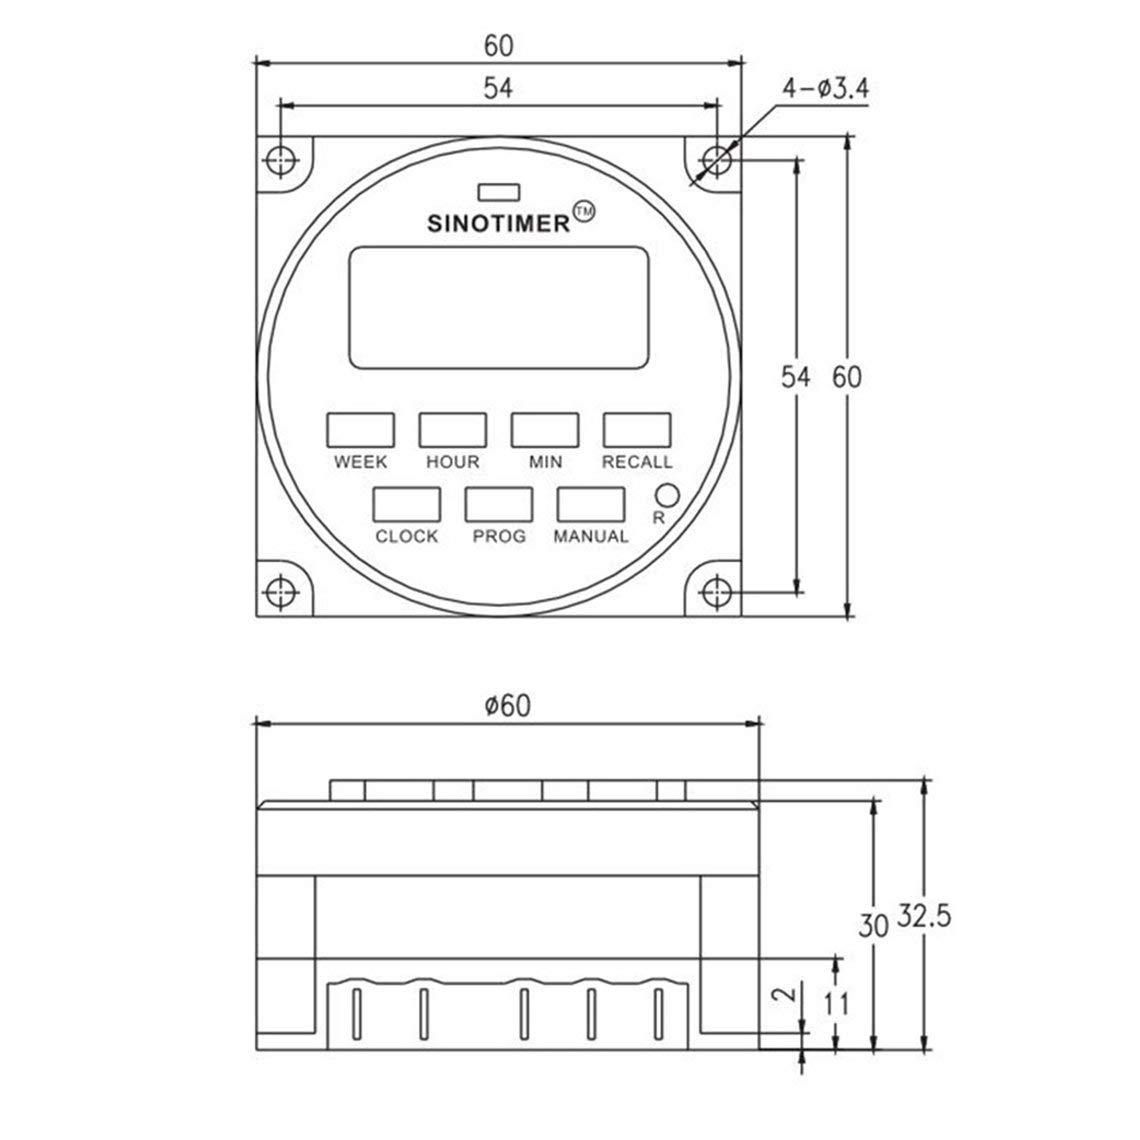 Zinniaya SINOTIMER TM618N-2 220V LCD Interruptor temporizador programable para CA digital con rel/é listado en UL con funci/ón de tiempo de cuenta regresiva